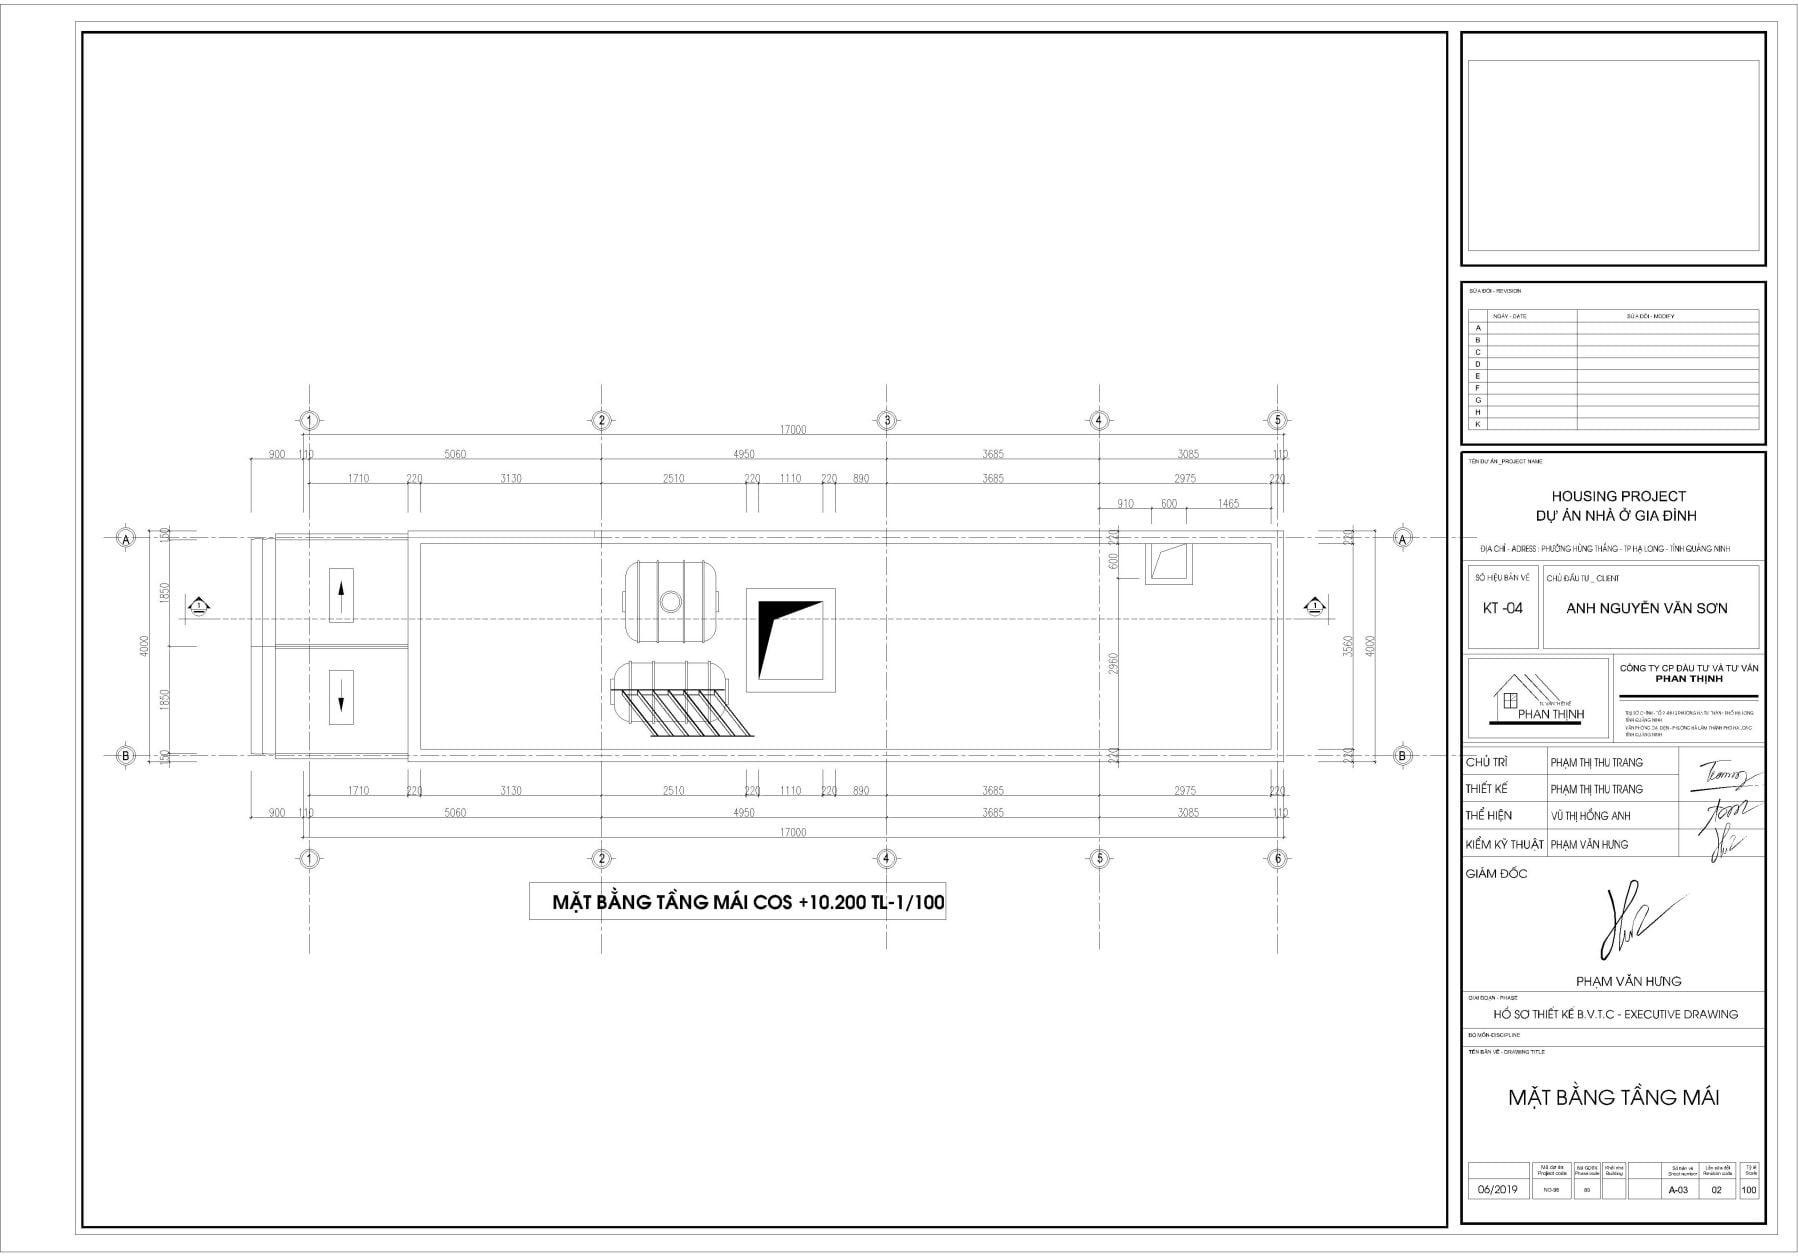 Thiết kế nhà tại tầng mái Quảng Ninh